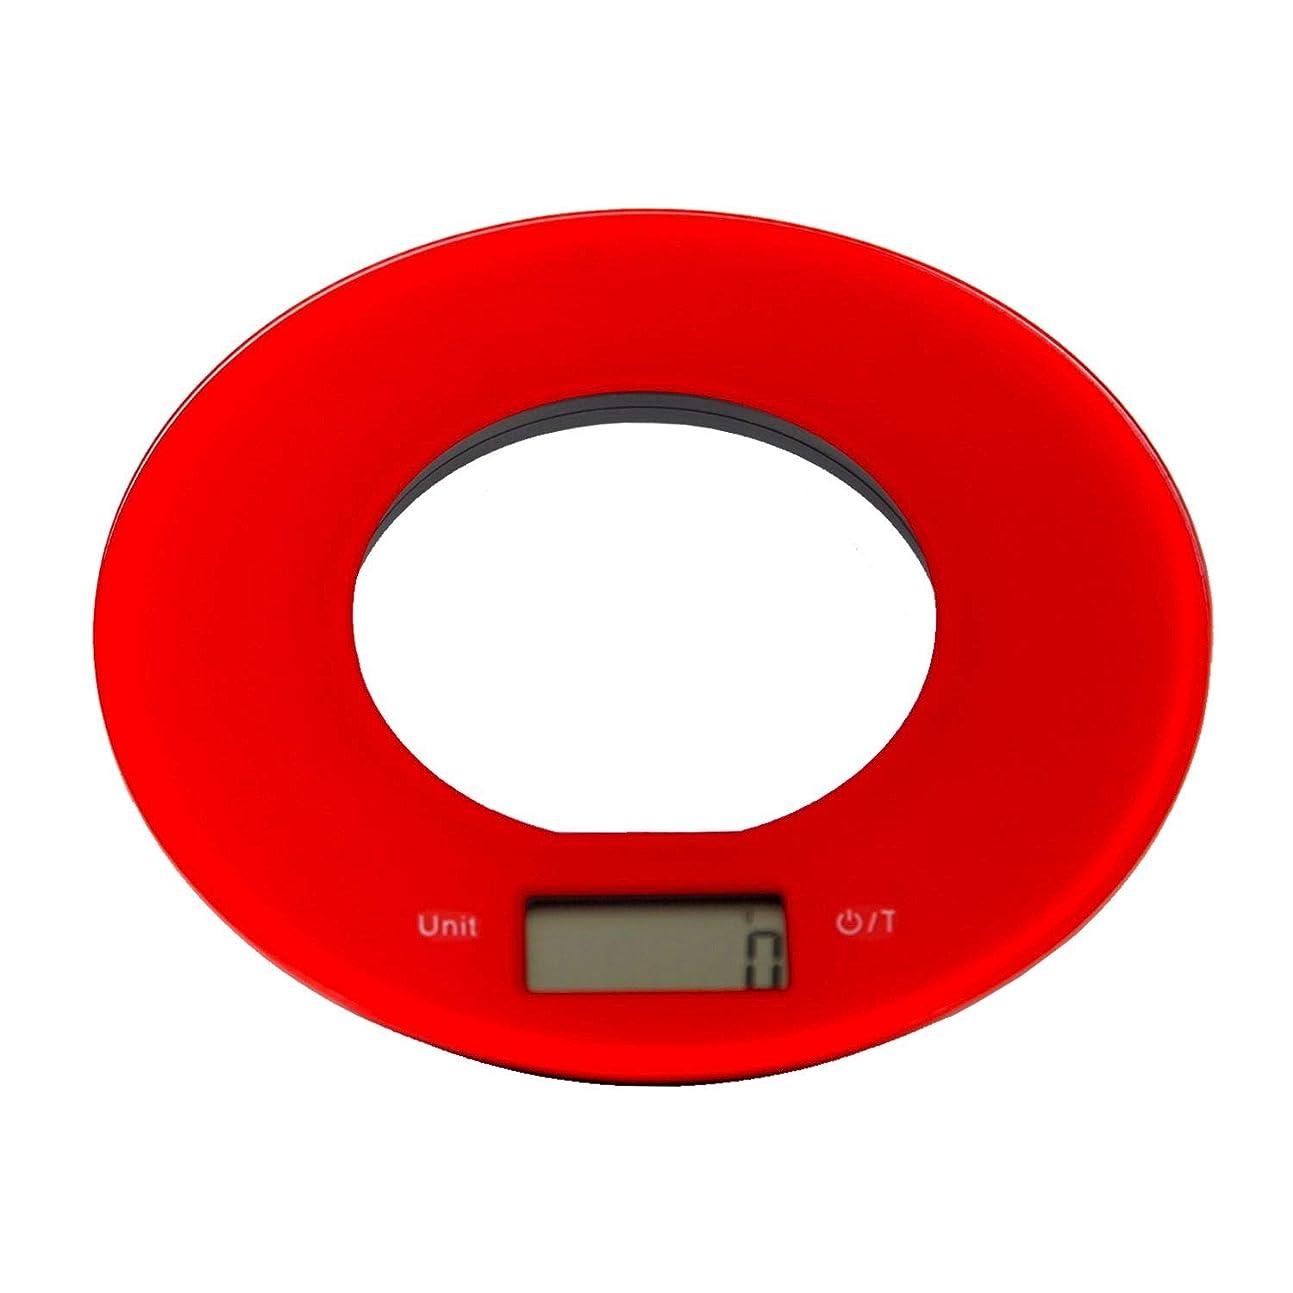 苦いつづり仲間JOLDEAR キッチンスケール 5kg デジタル フルフラット 強化ガラス製 (レッド)